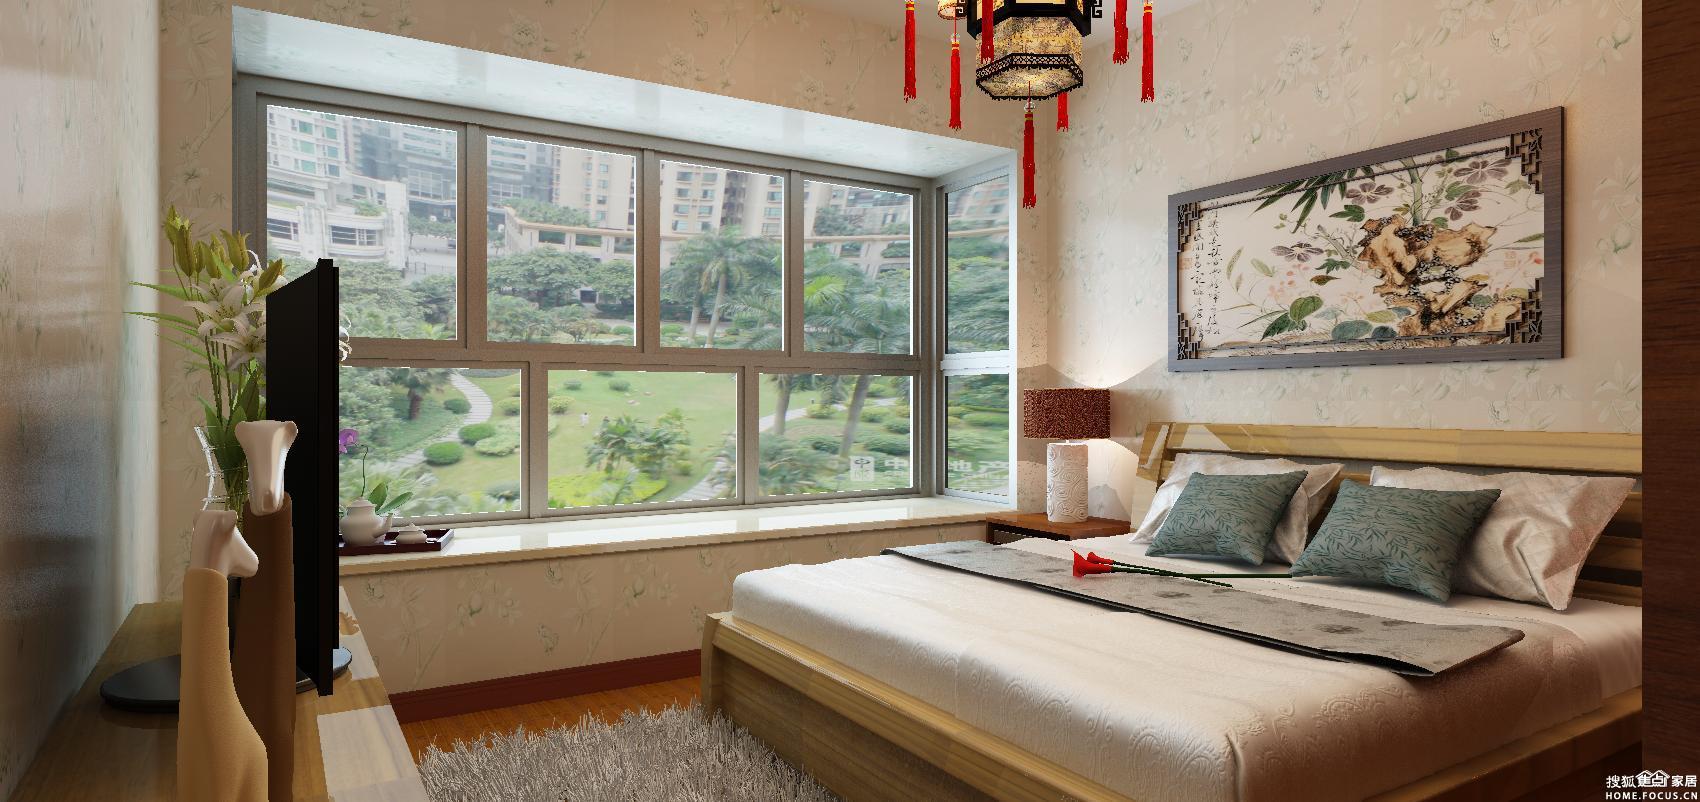 未来方舟126平米三房新中式豪华整装装修案例,为你诠释古典与现代高清图片